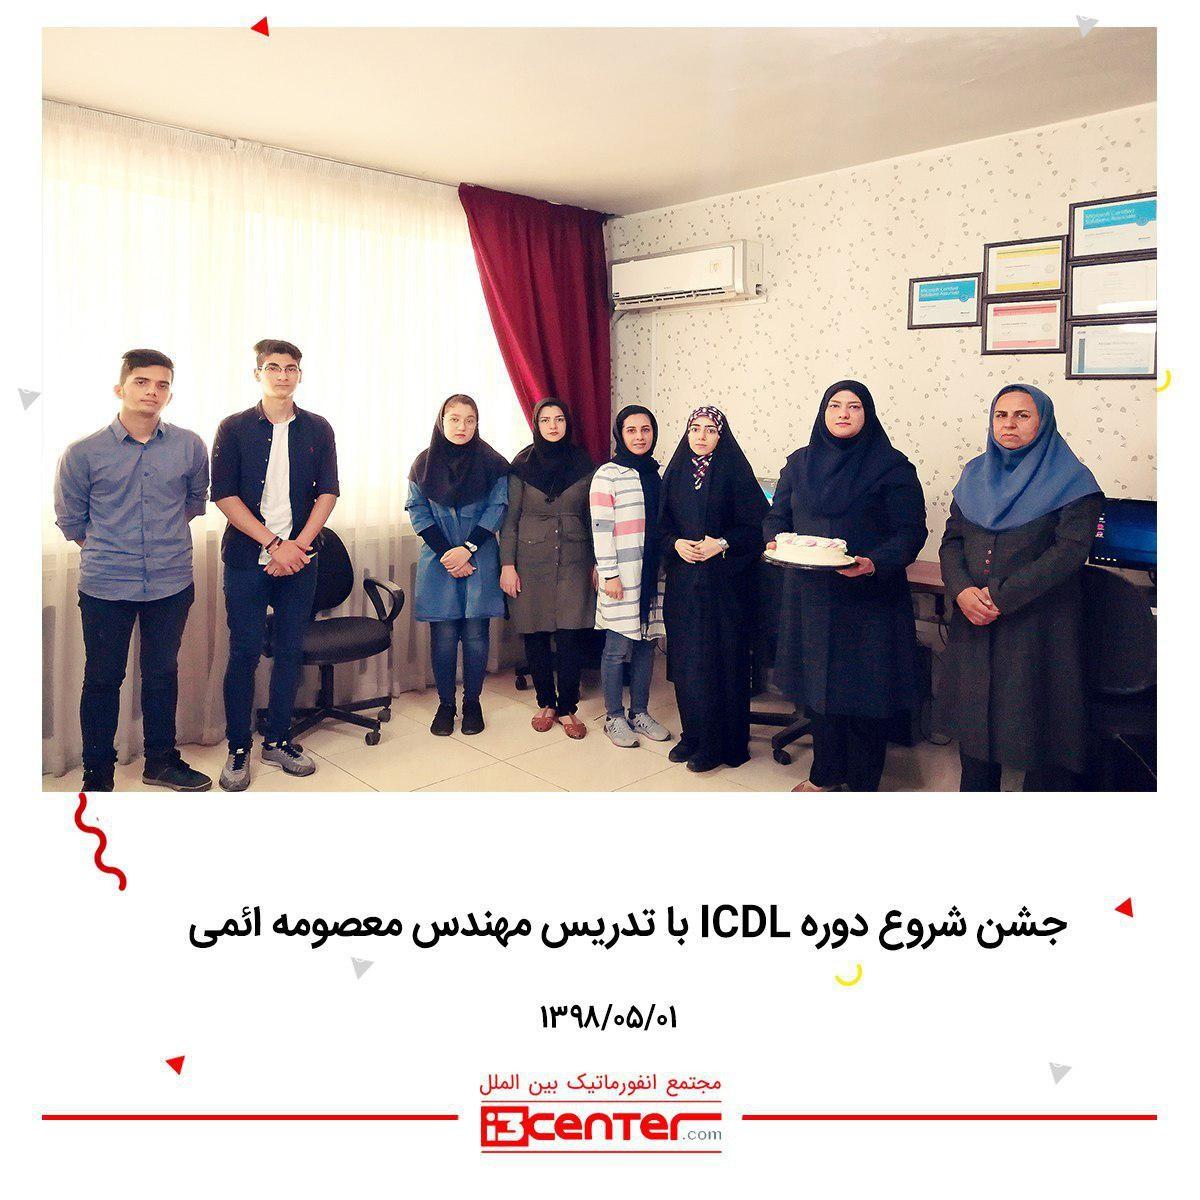 جشن شروع دوره ICDL با تدریس مهندس معصومه ائمی